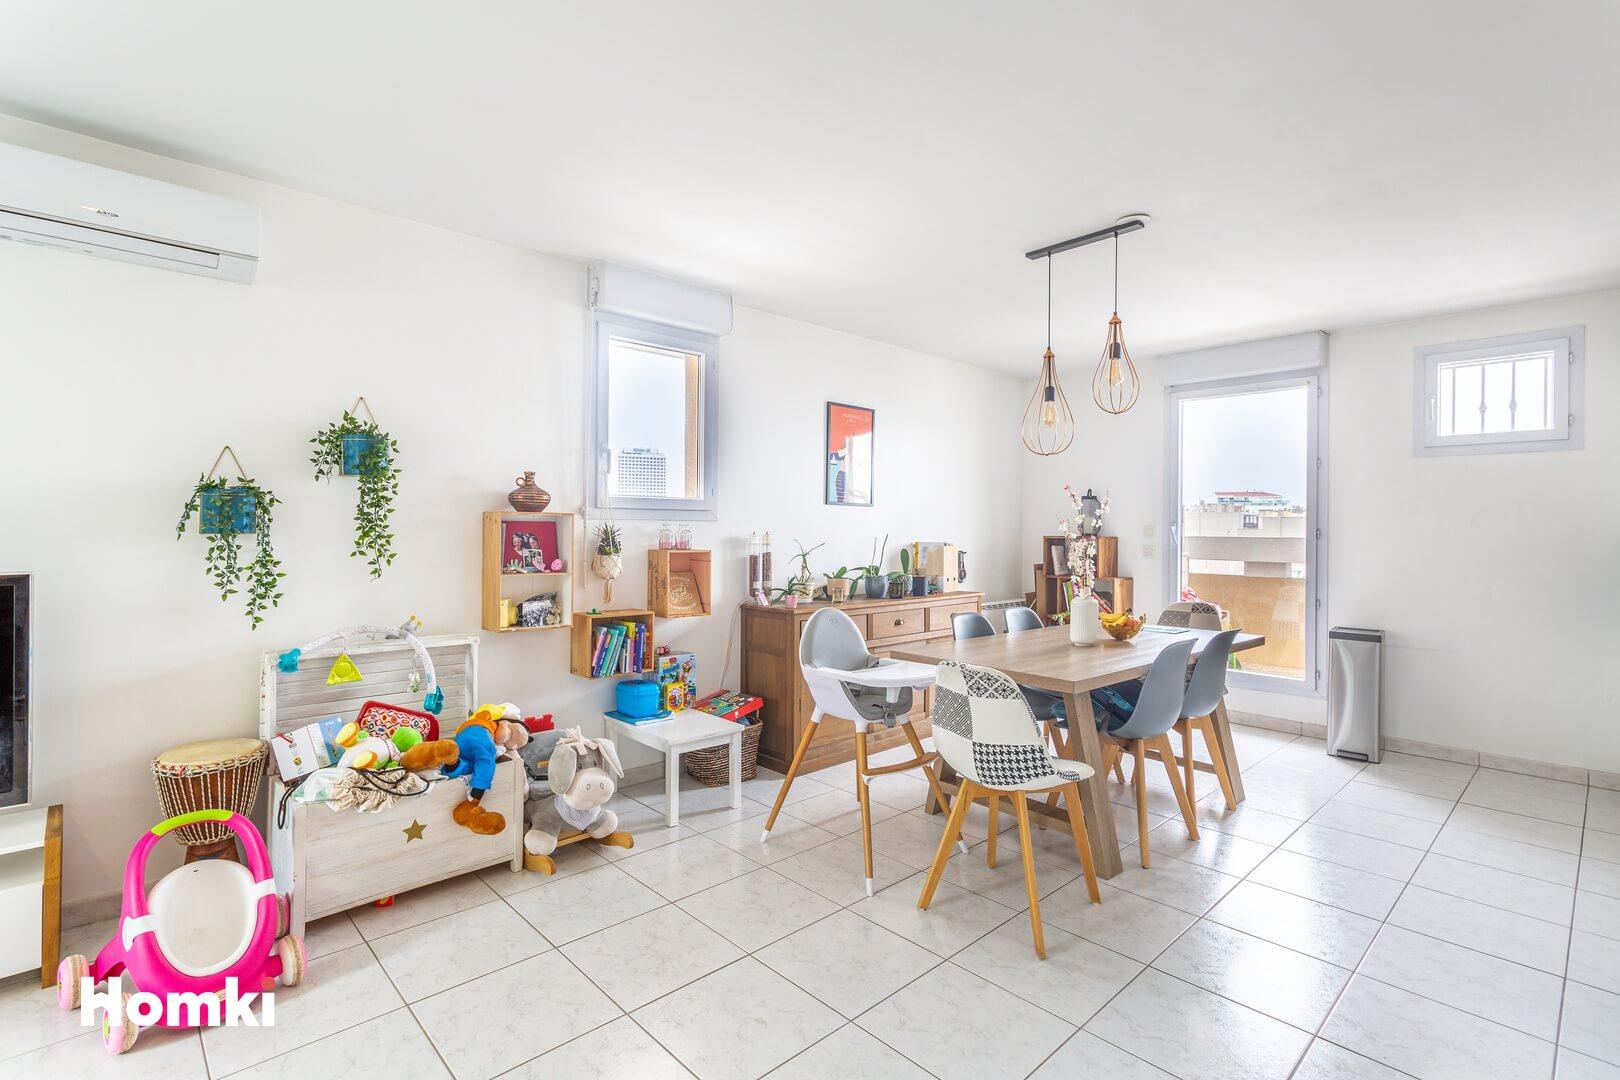 Homki - Vente Appartement  de 68.0 m² à Marseille 13010